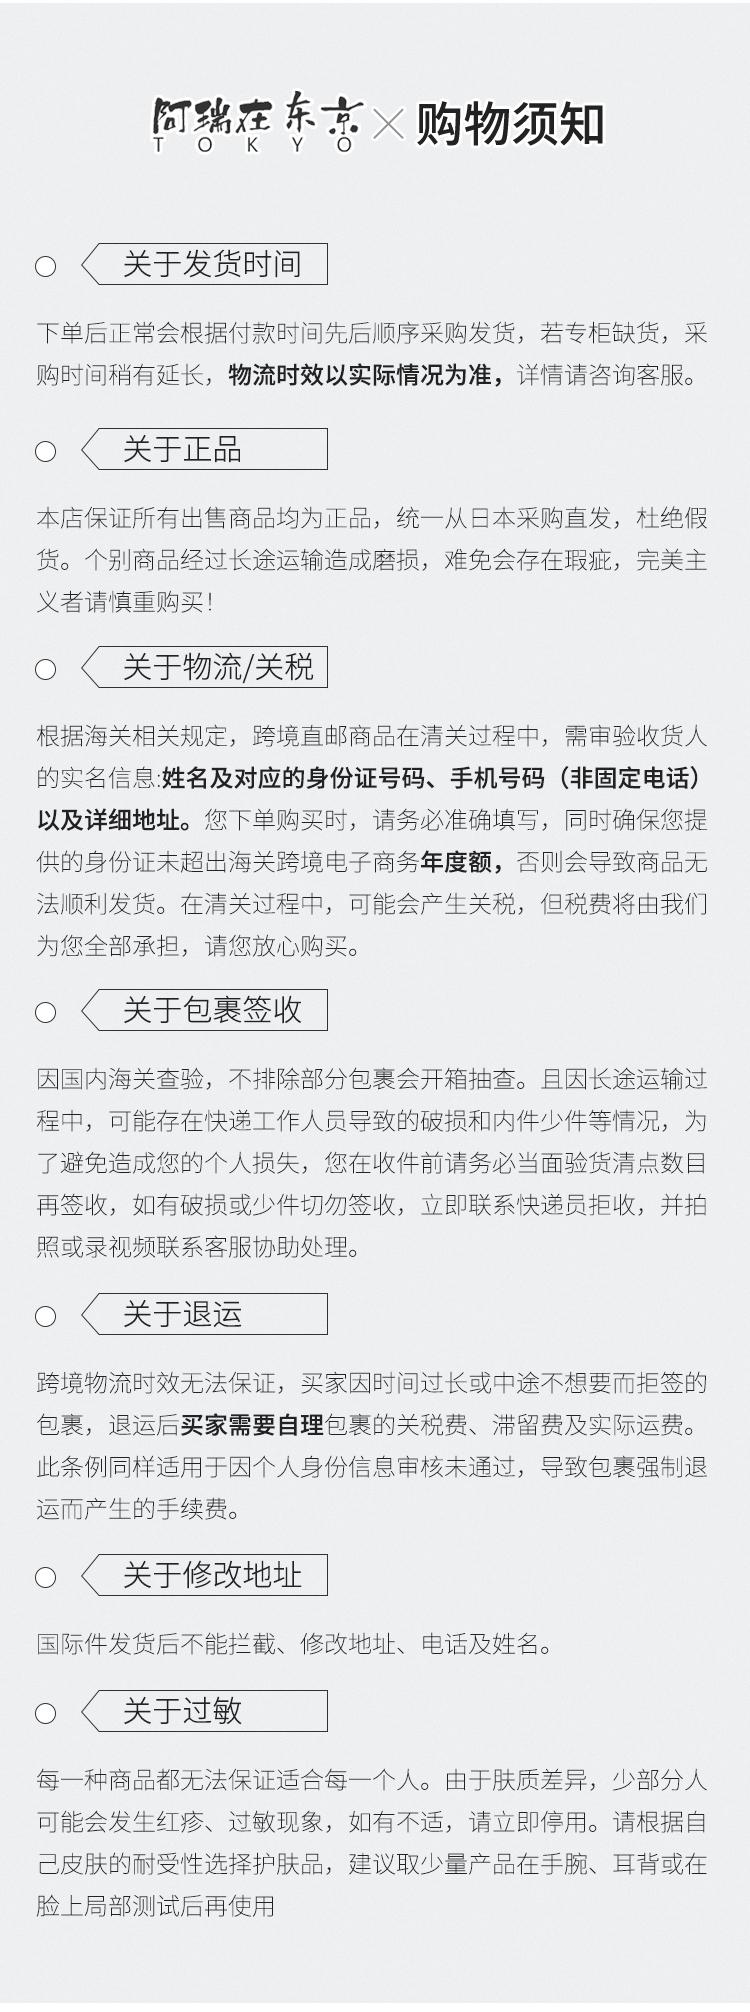 日本代购搪瓷隔离霜白盖防晒控油遮瑕详细照片